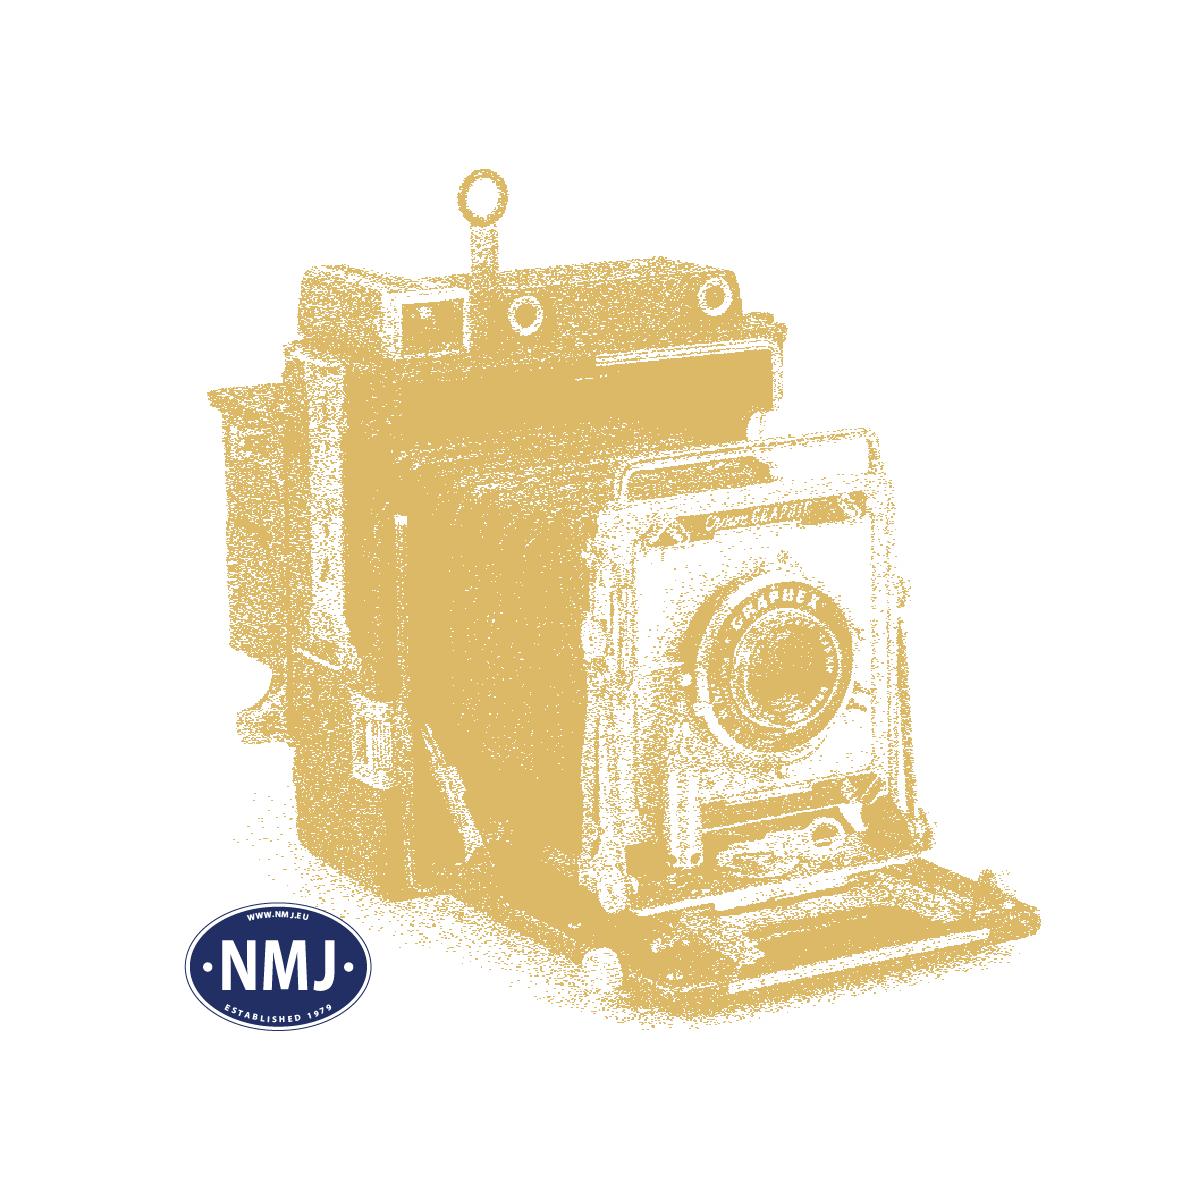 NMJSTL4-4 - NMJ Superline NSB Om 44 76 361 0692-7